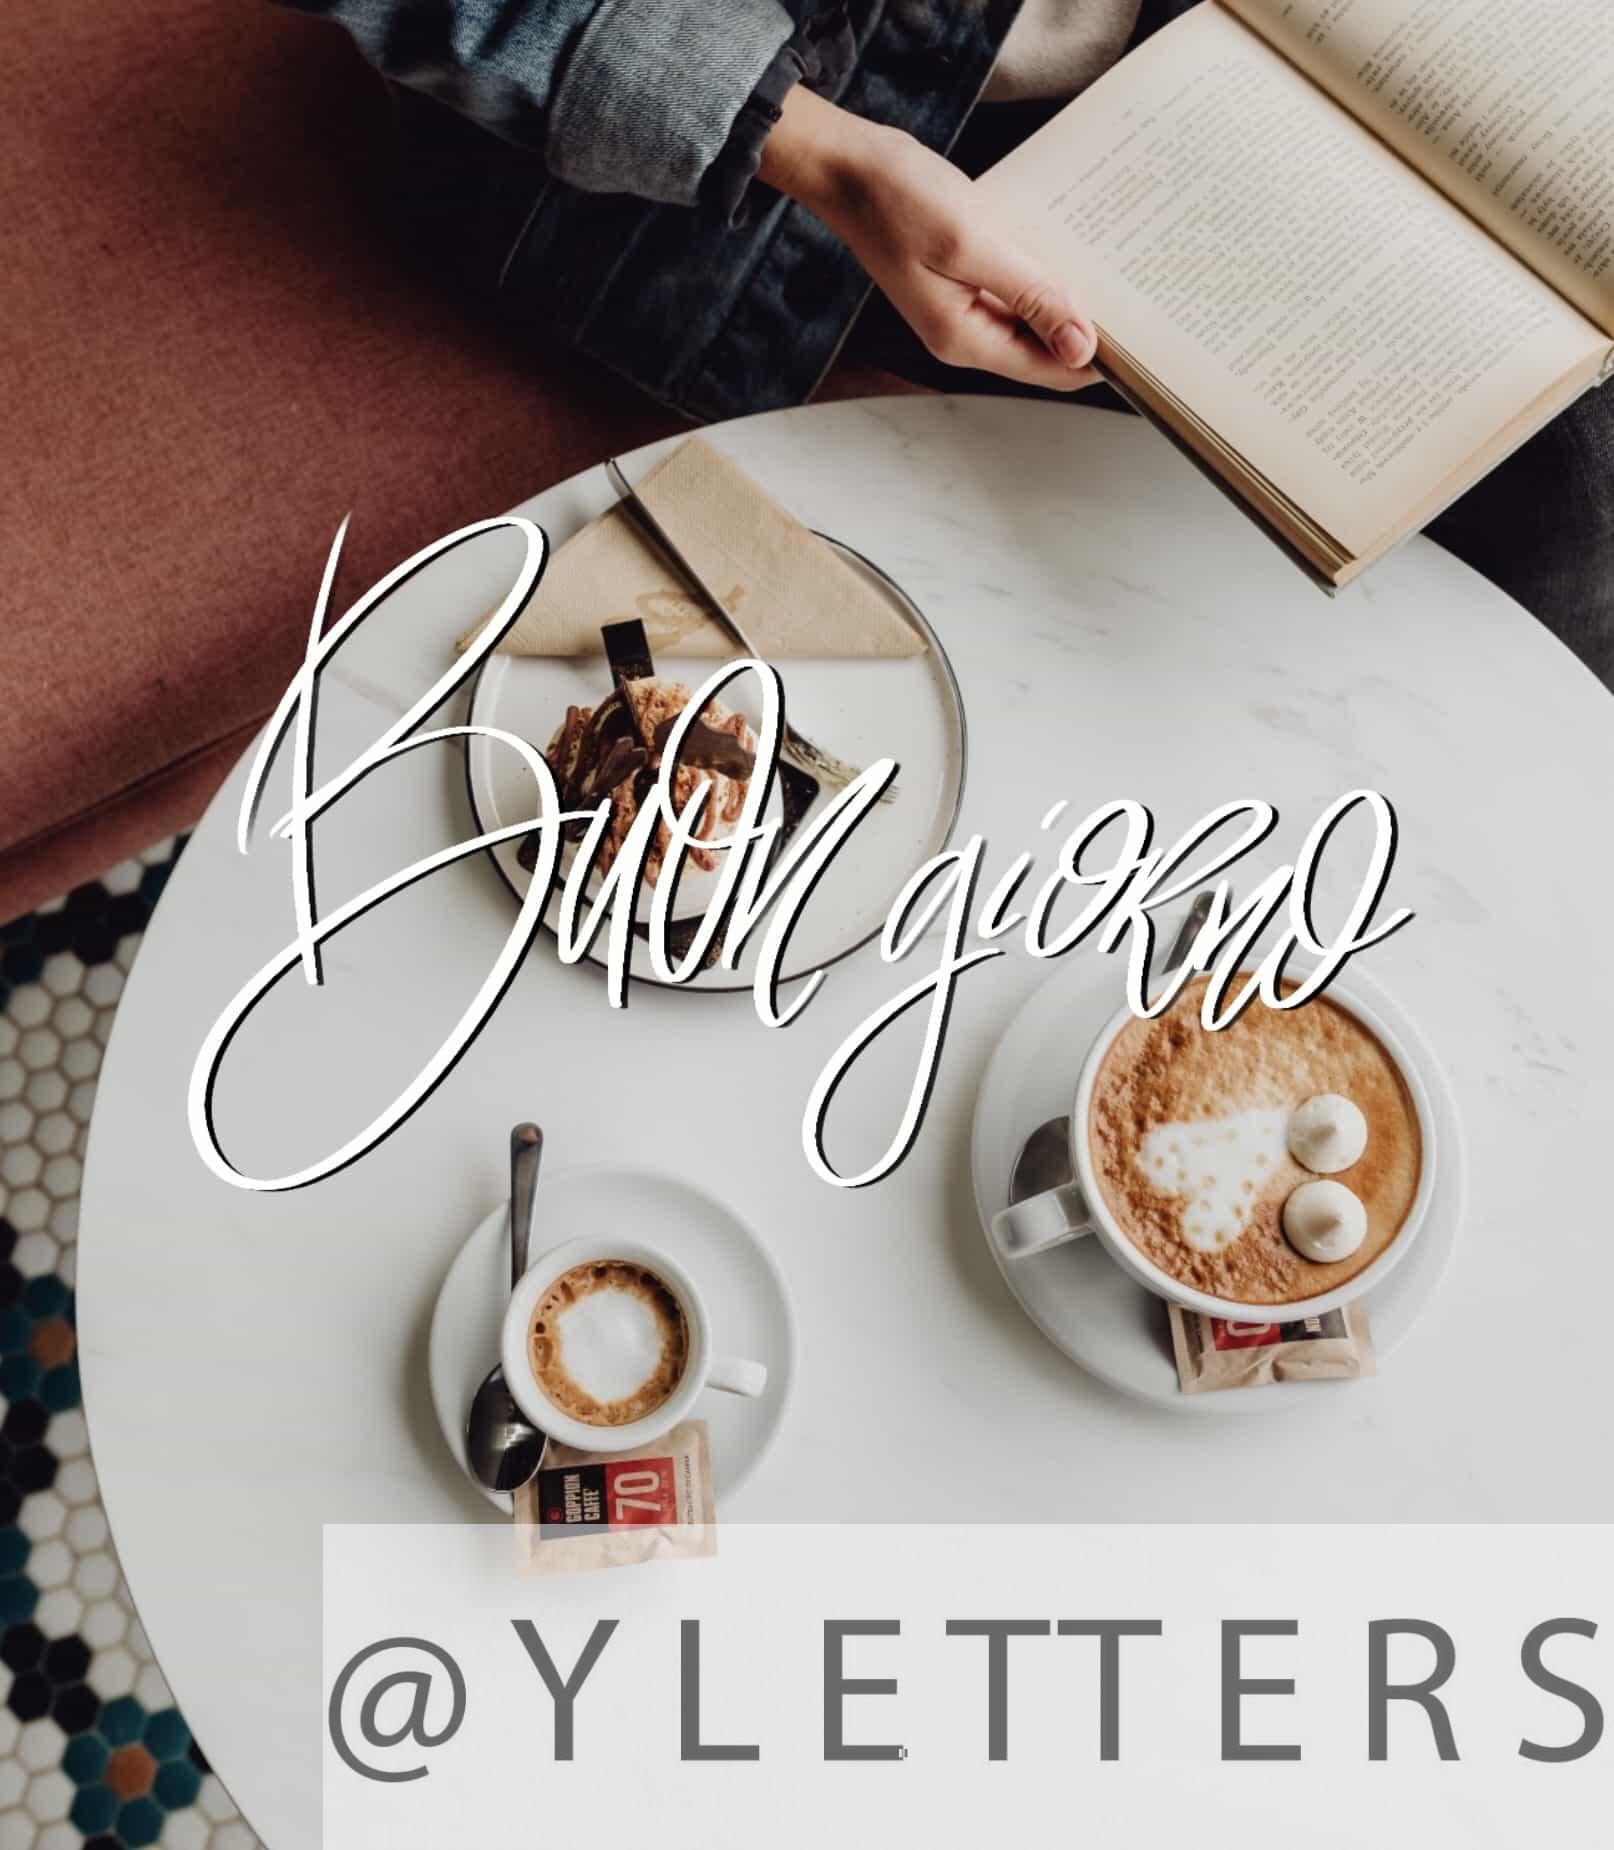 Immagini buon caffè con dolce